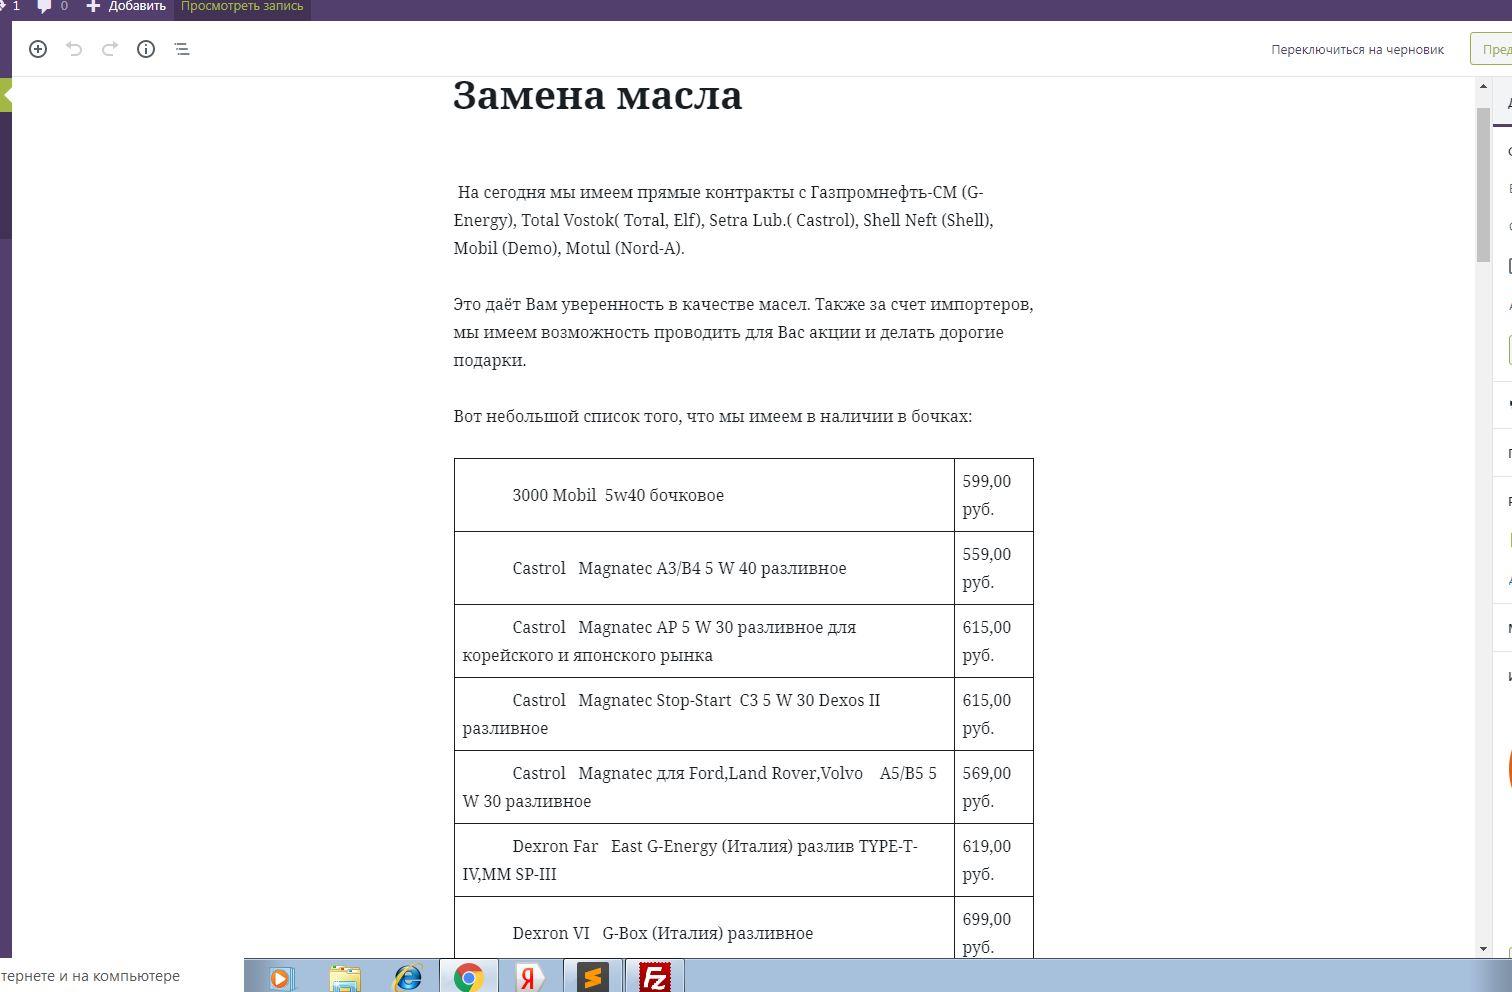 http://www.4genergy.ru/wp-content/themes/twentynineteen/%D0%A1%D0%BD%D0%B8%D0%BC%D0%BE%D0%BA.JPG